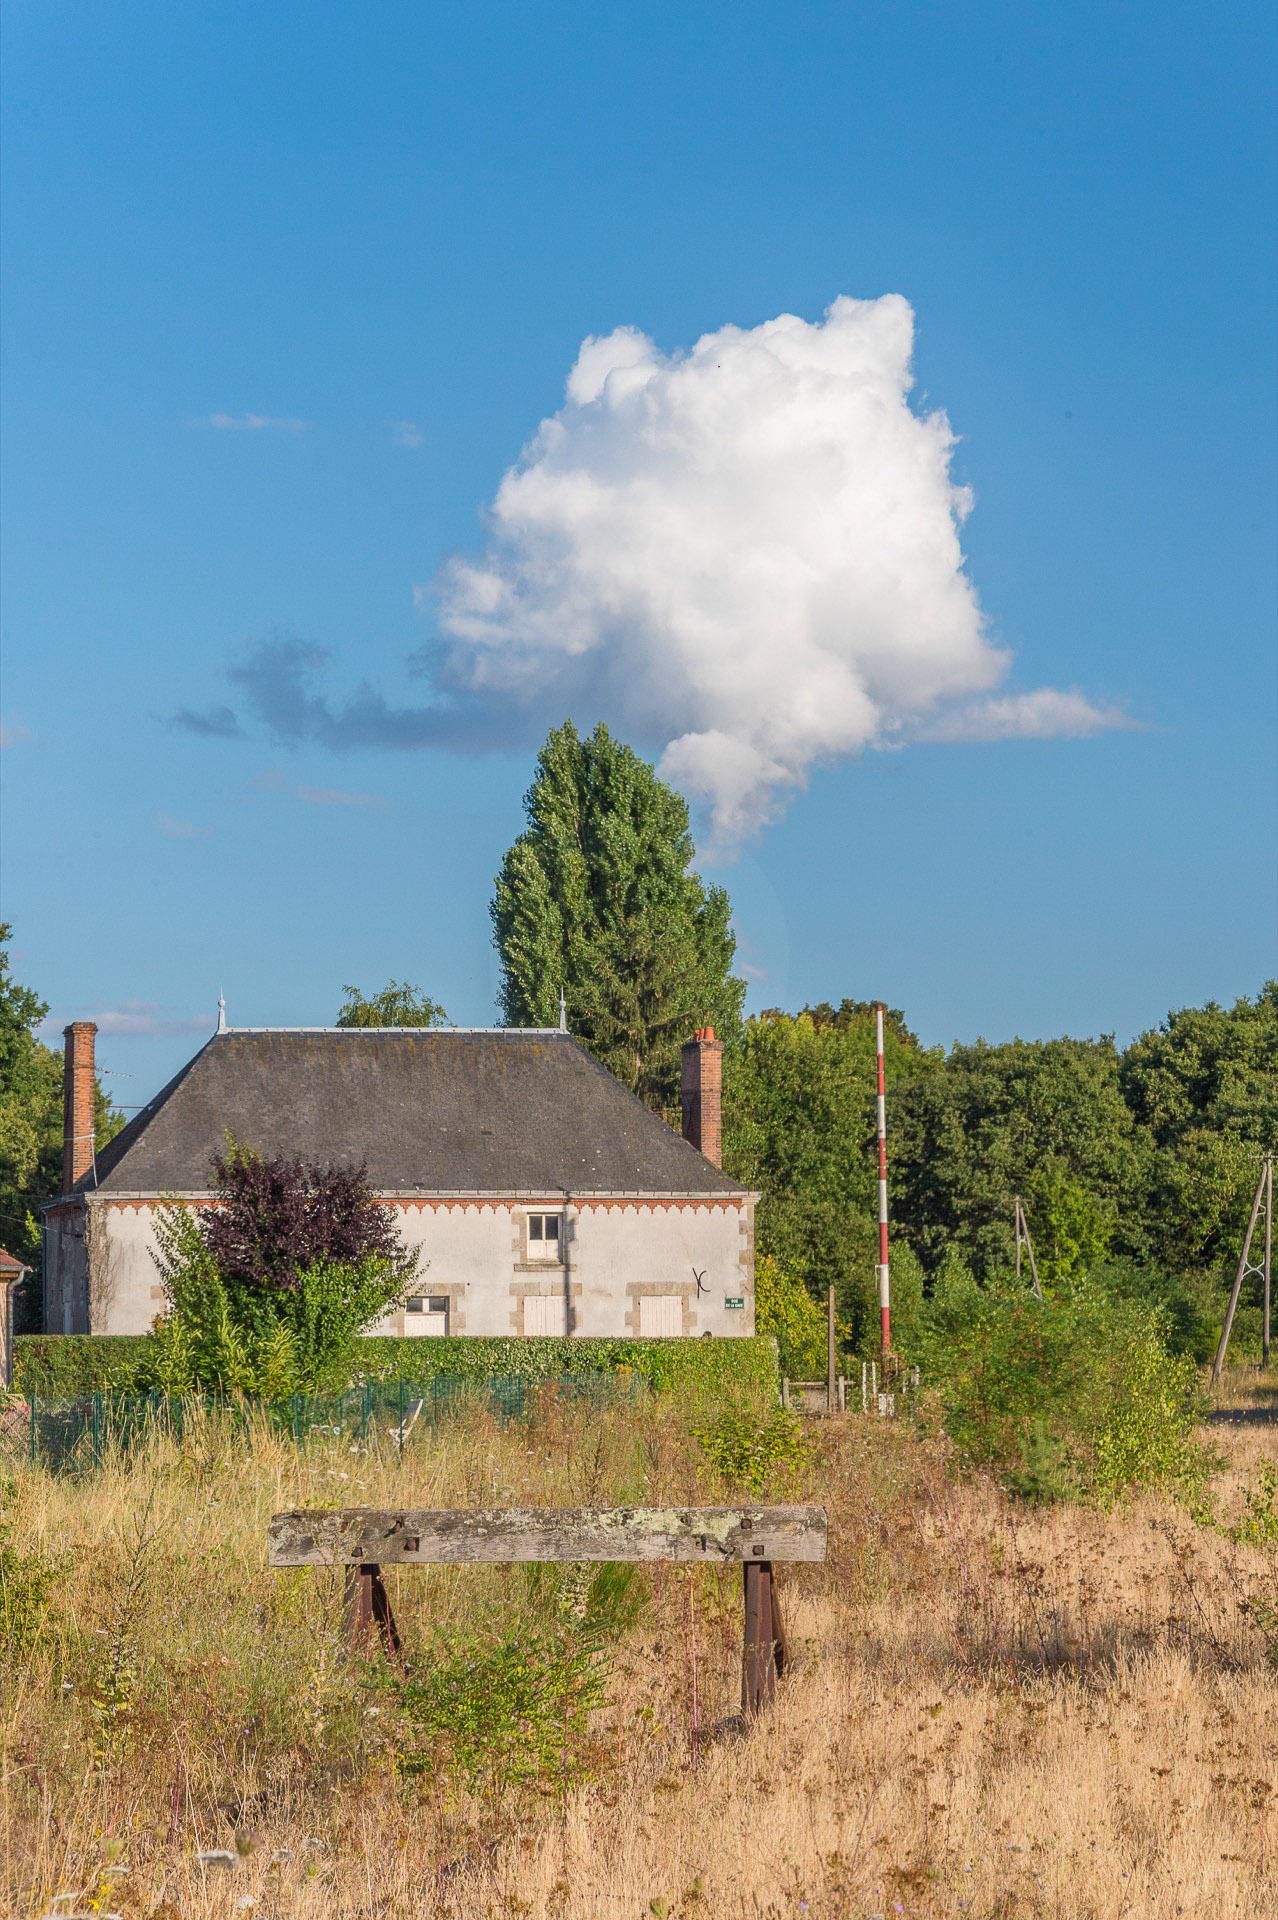 120-la-voie-ferree-687000-fermee-aux-bordes-aout-2016-1920-px